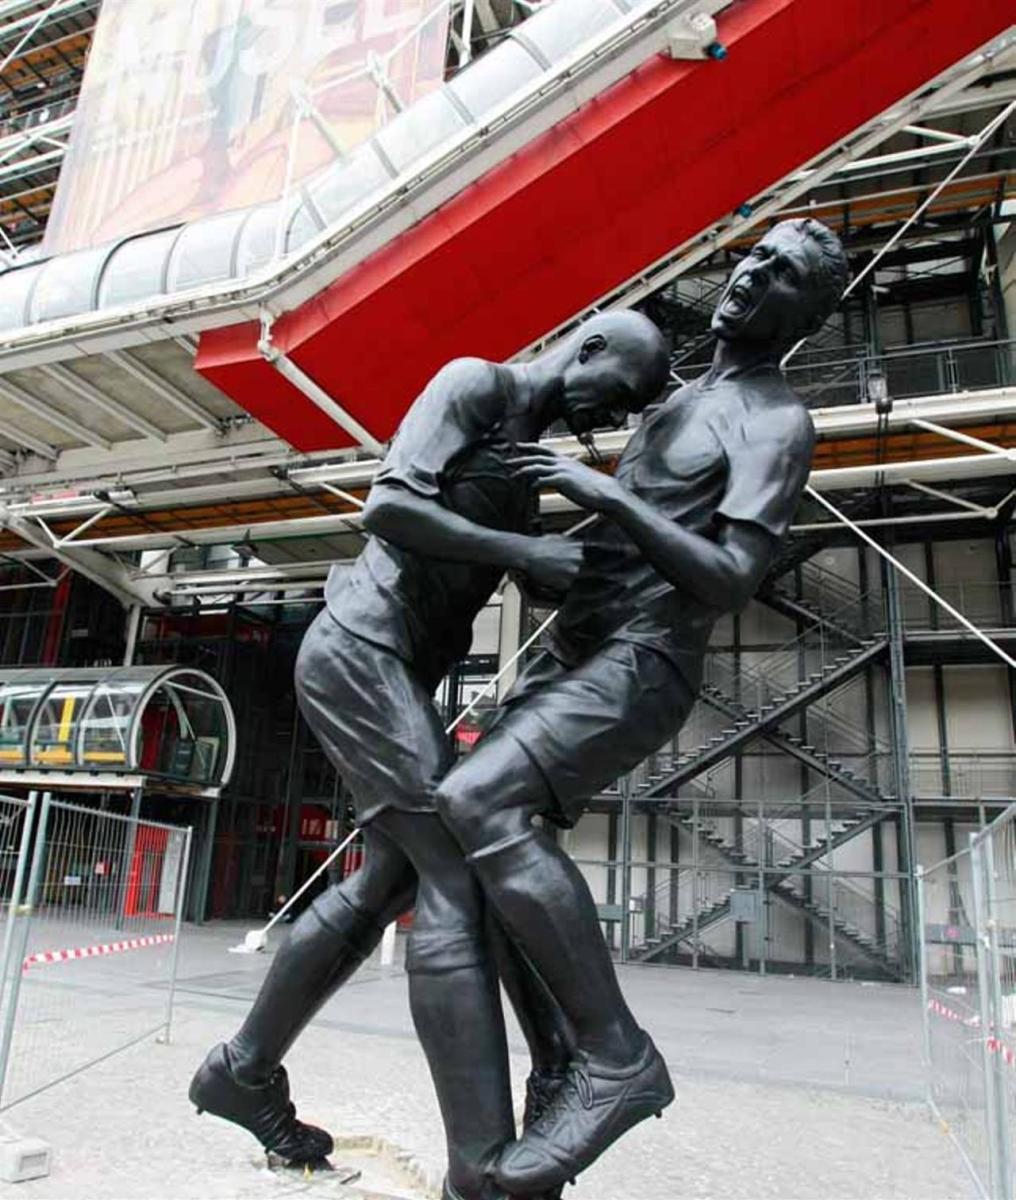 La testata di Zidane a Materazzi diventa una statua, a Parigi - Linkiesta.it